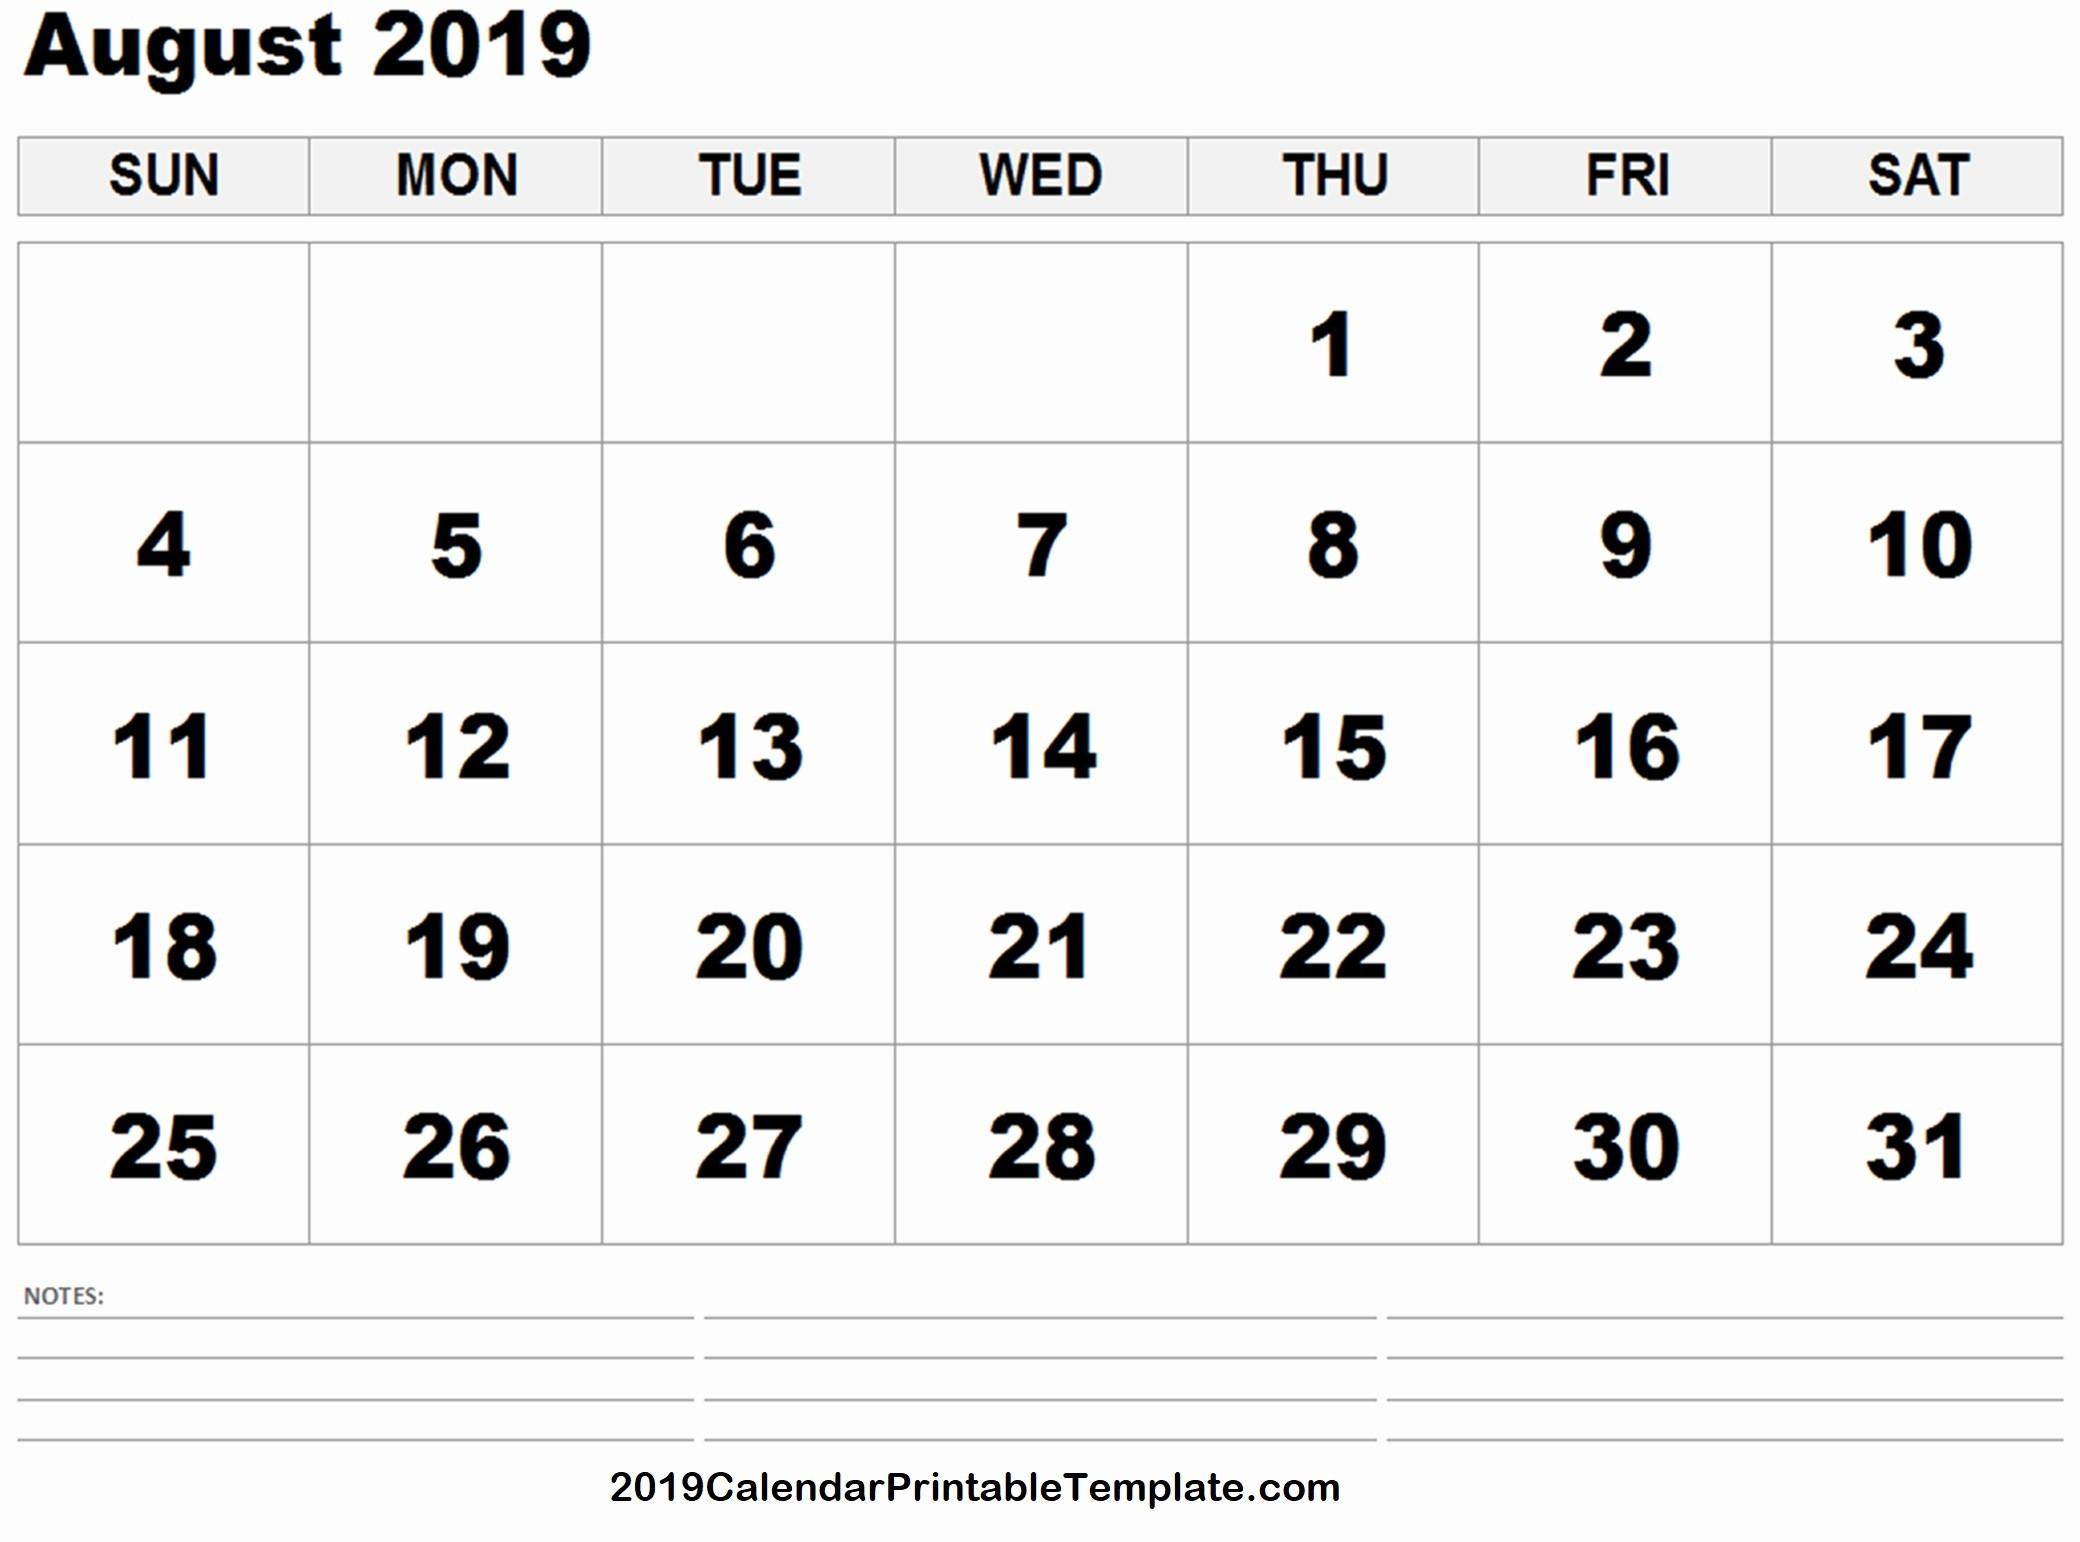 calendario febrero 2018 michel zbinden mas populares 2019 printable monthly calendar canada of calendario febrero 2018 michel zbinden